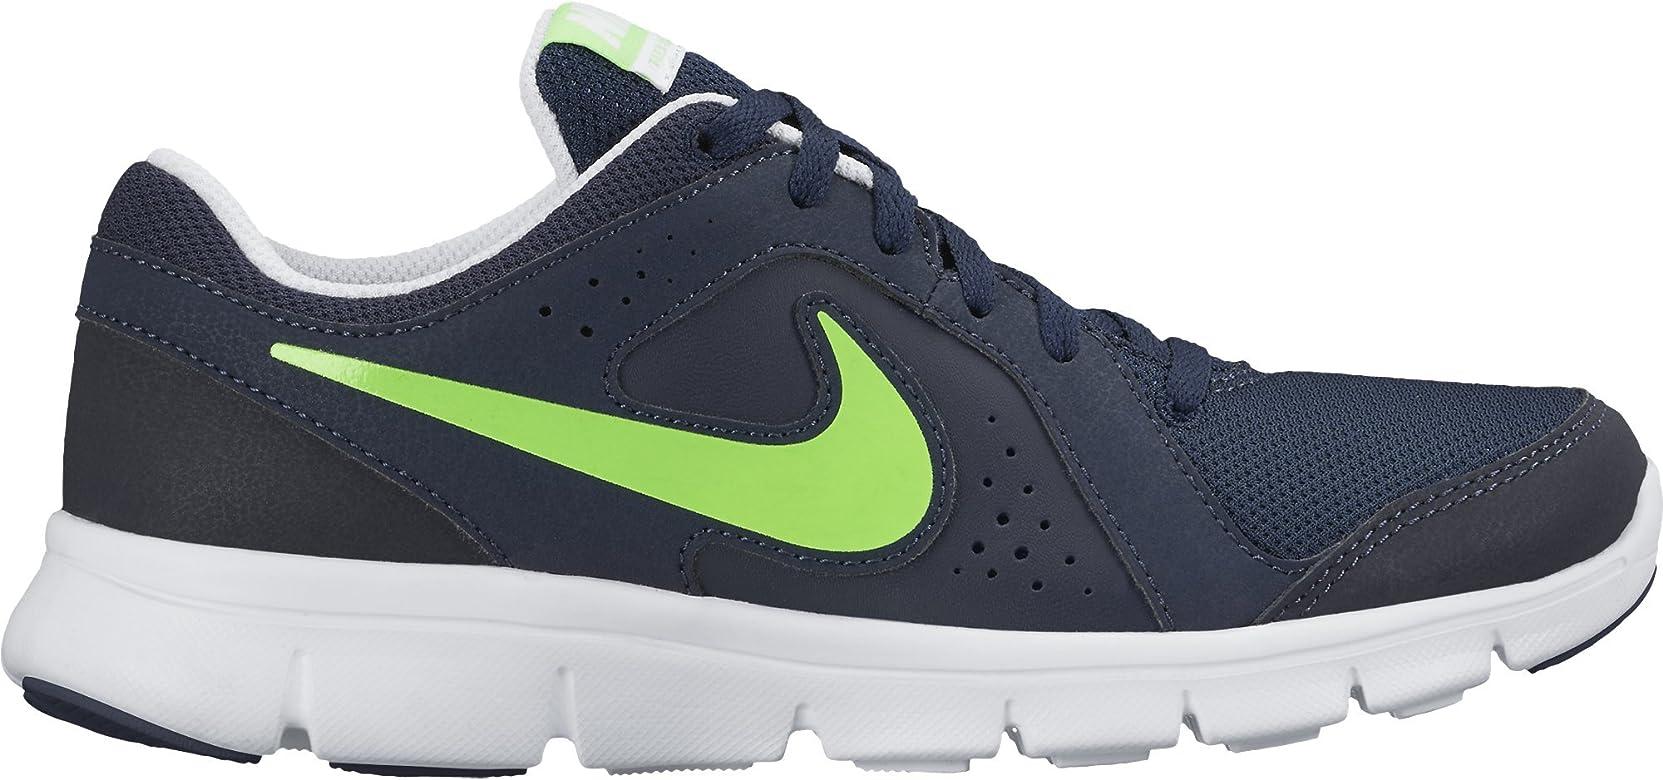 Nike Flex Experience LTR (GS), Zapatillas de Running para Niños, Negro/Verde/Blanco (Obsidian/Voltage Green-White), 35 1/2 EU: Amazon.es: Zapatos y complementos